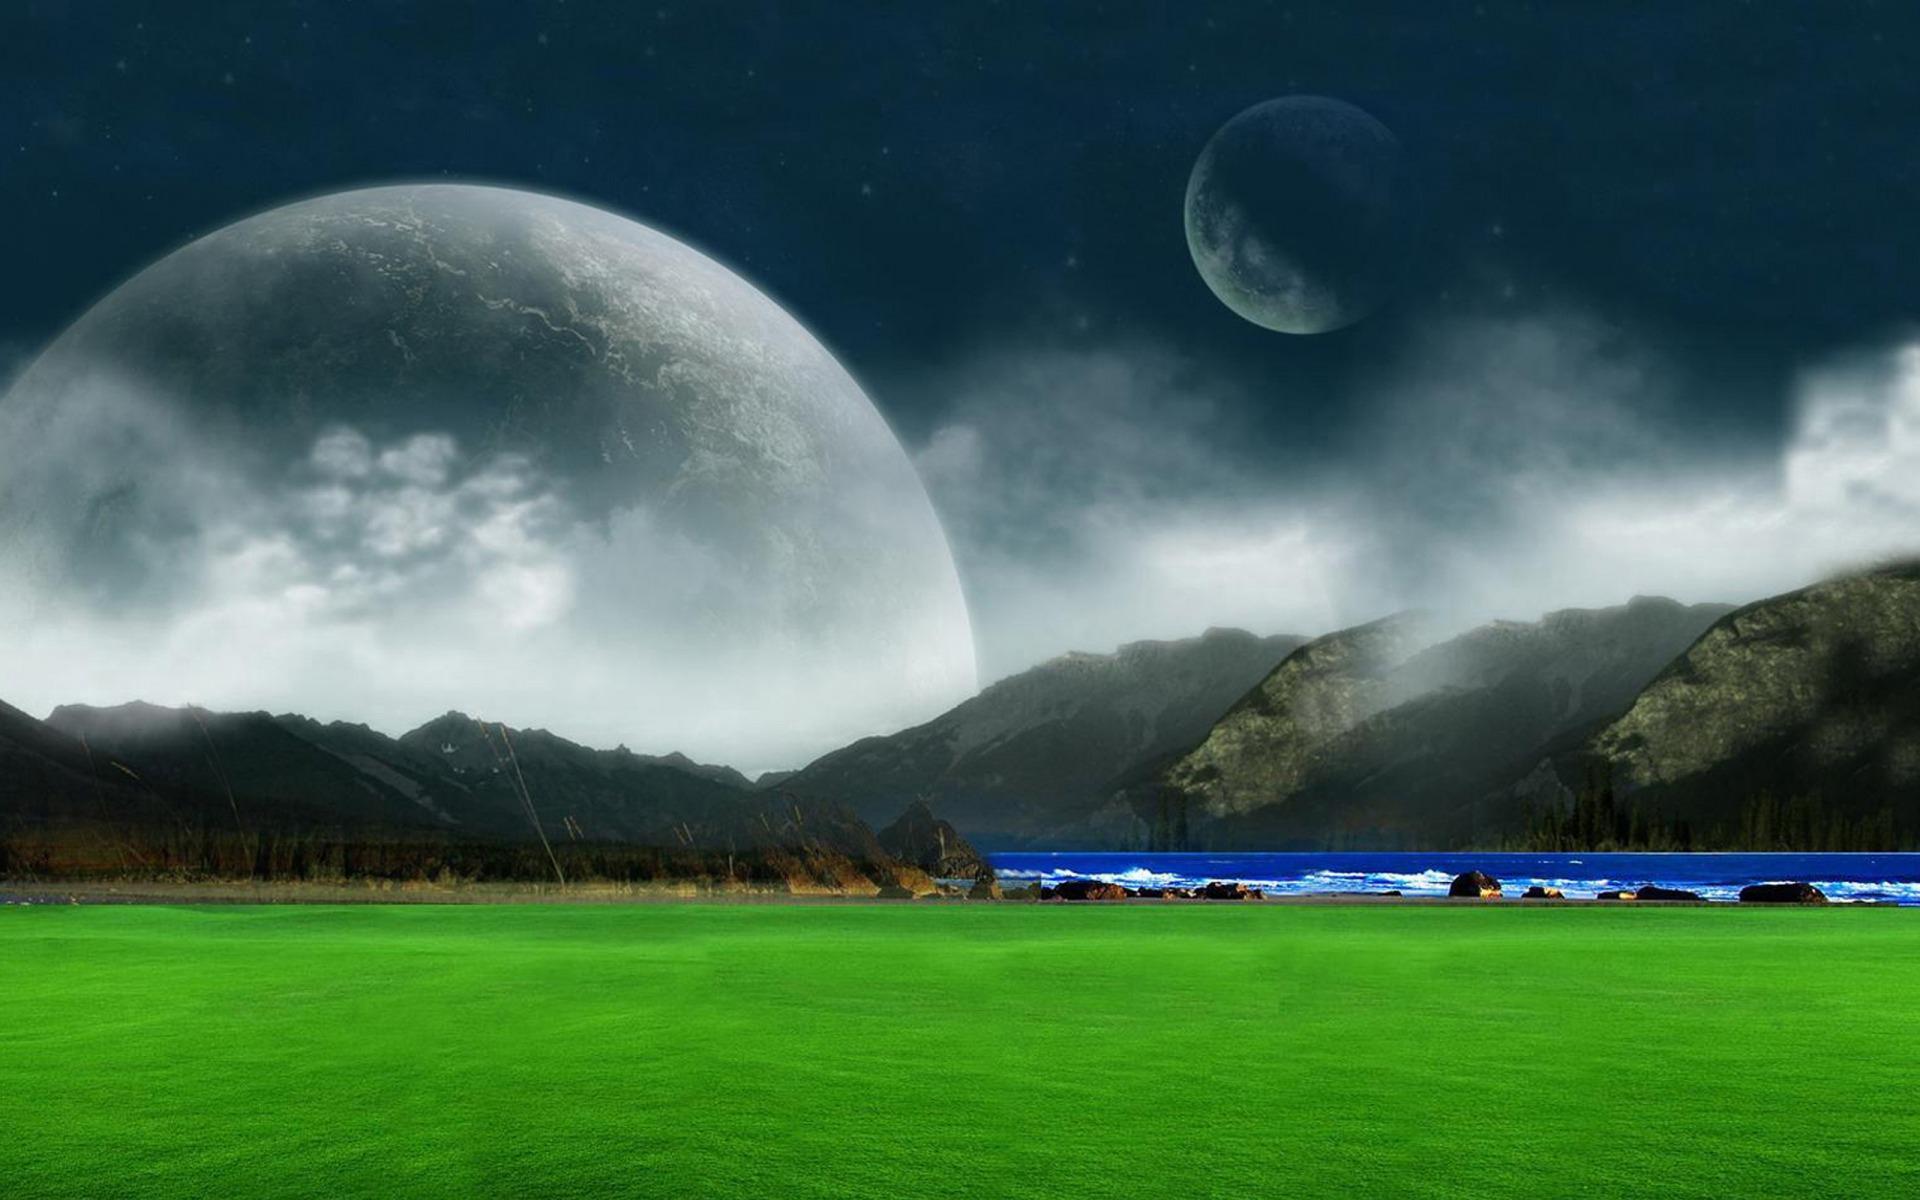 Sfondi Desktop Hd Paesaggio Fantasy Digitale Sfondi Hd Gratis